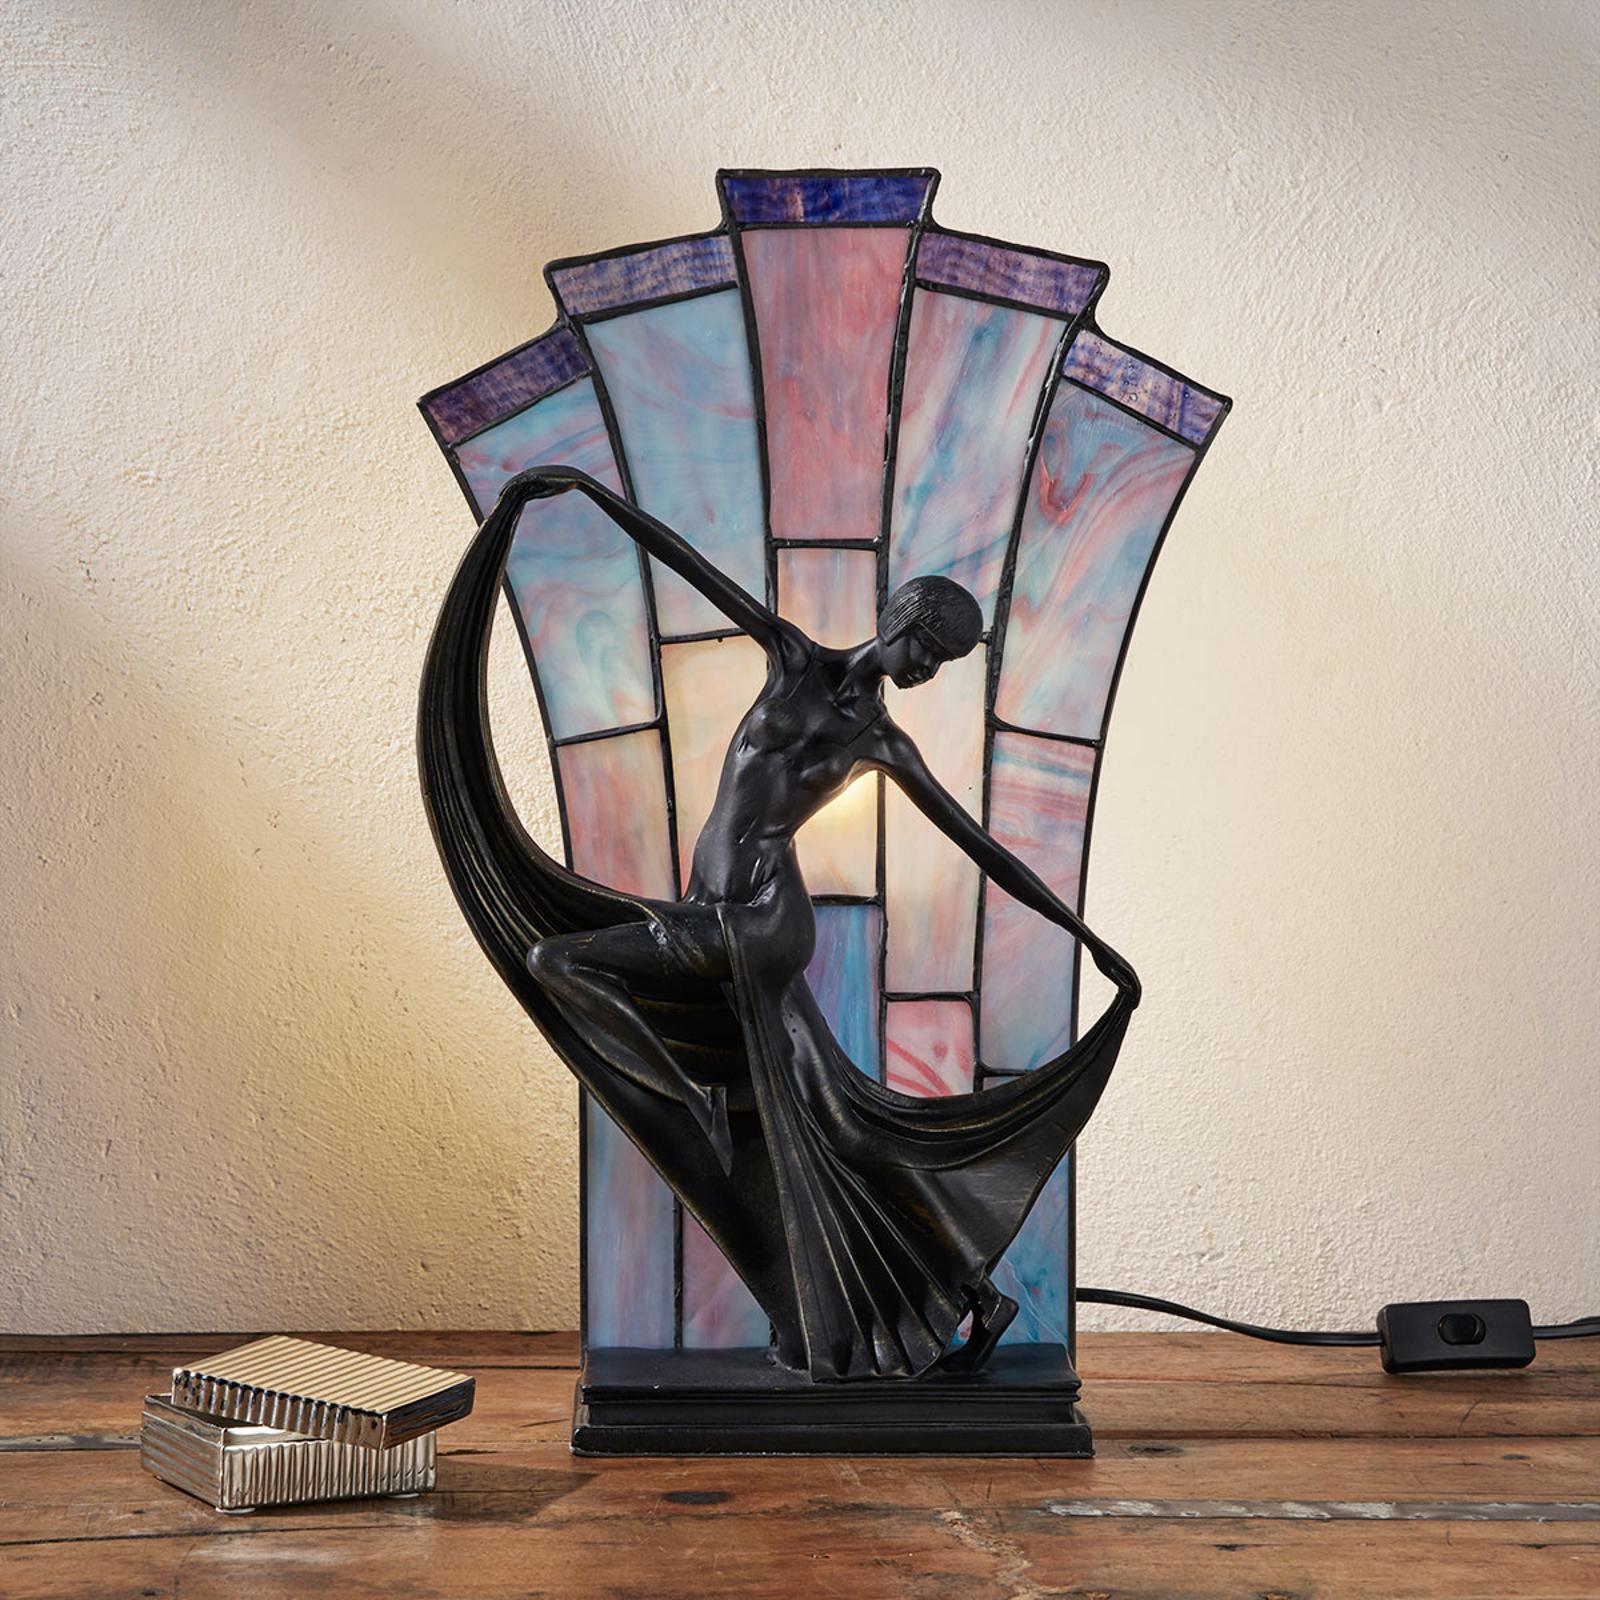 Lampada da tavolo Flamina in stile Tiffany